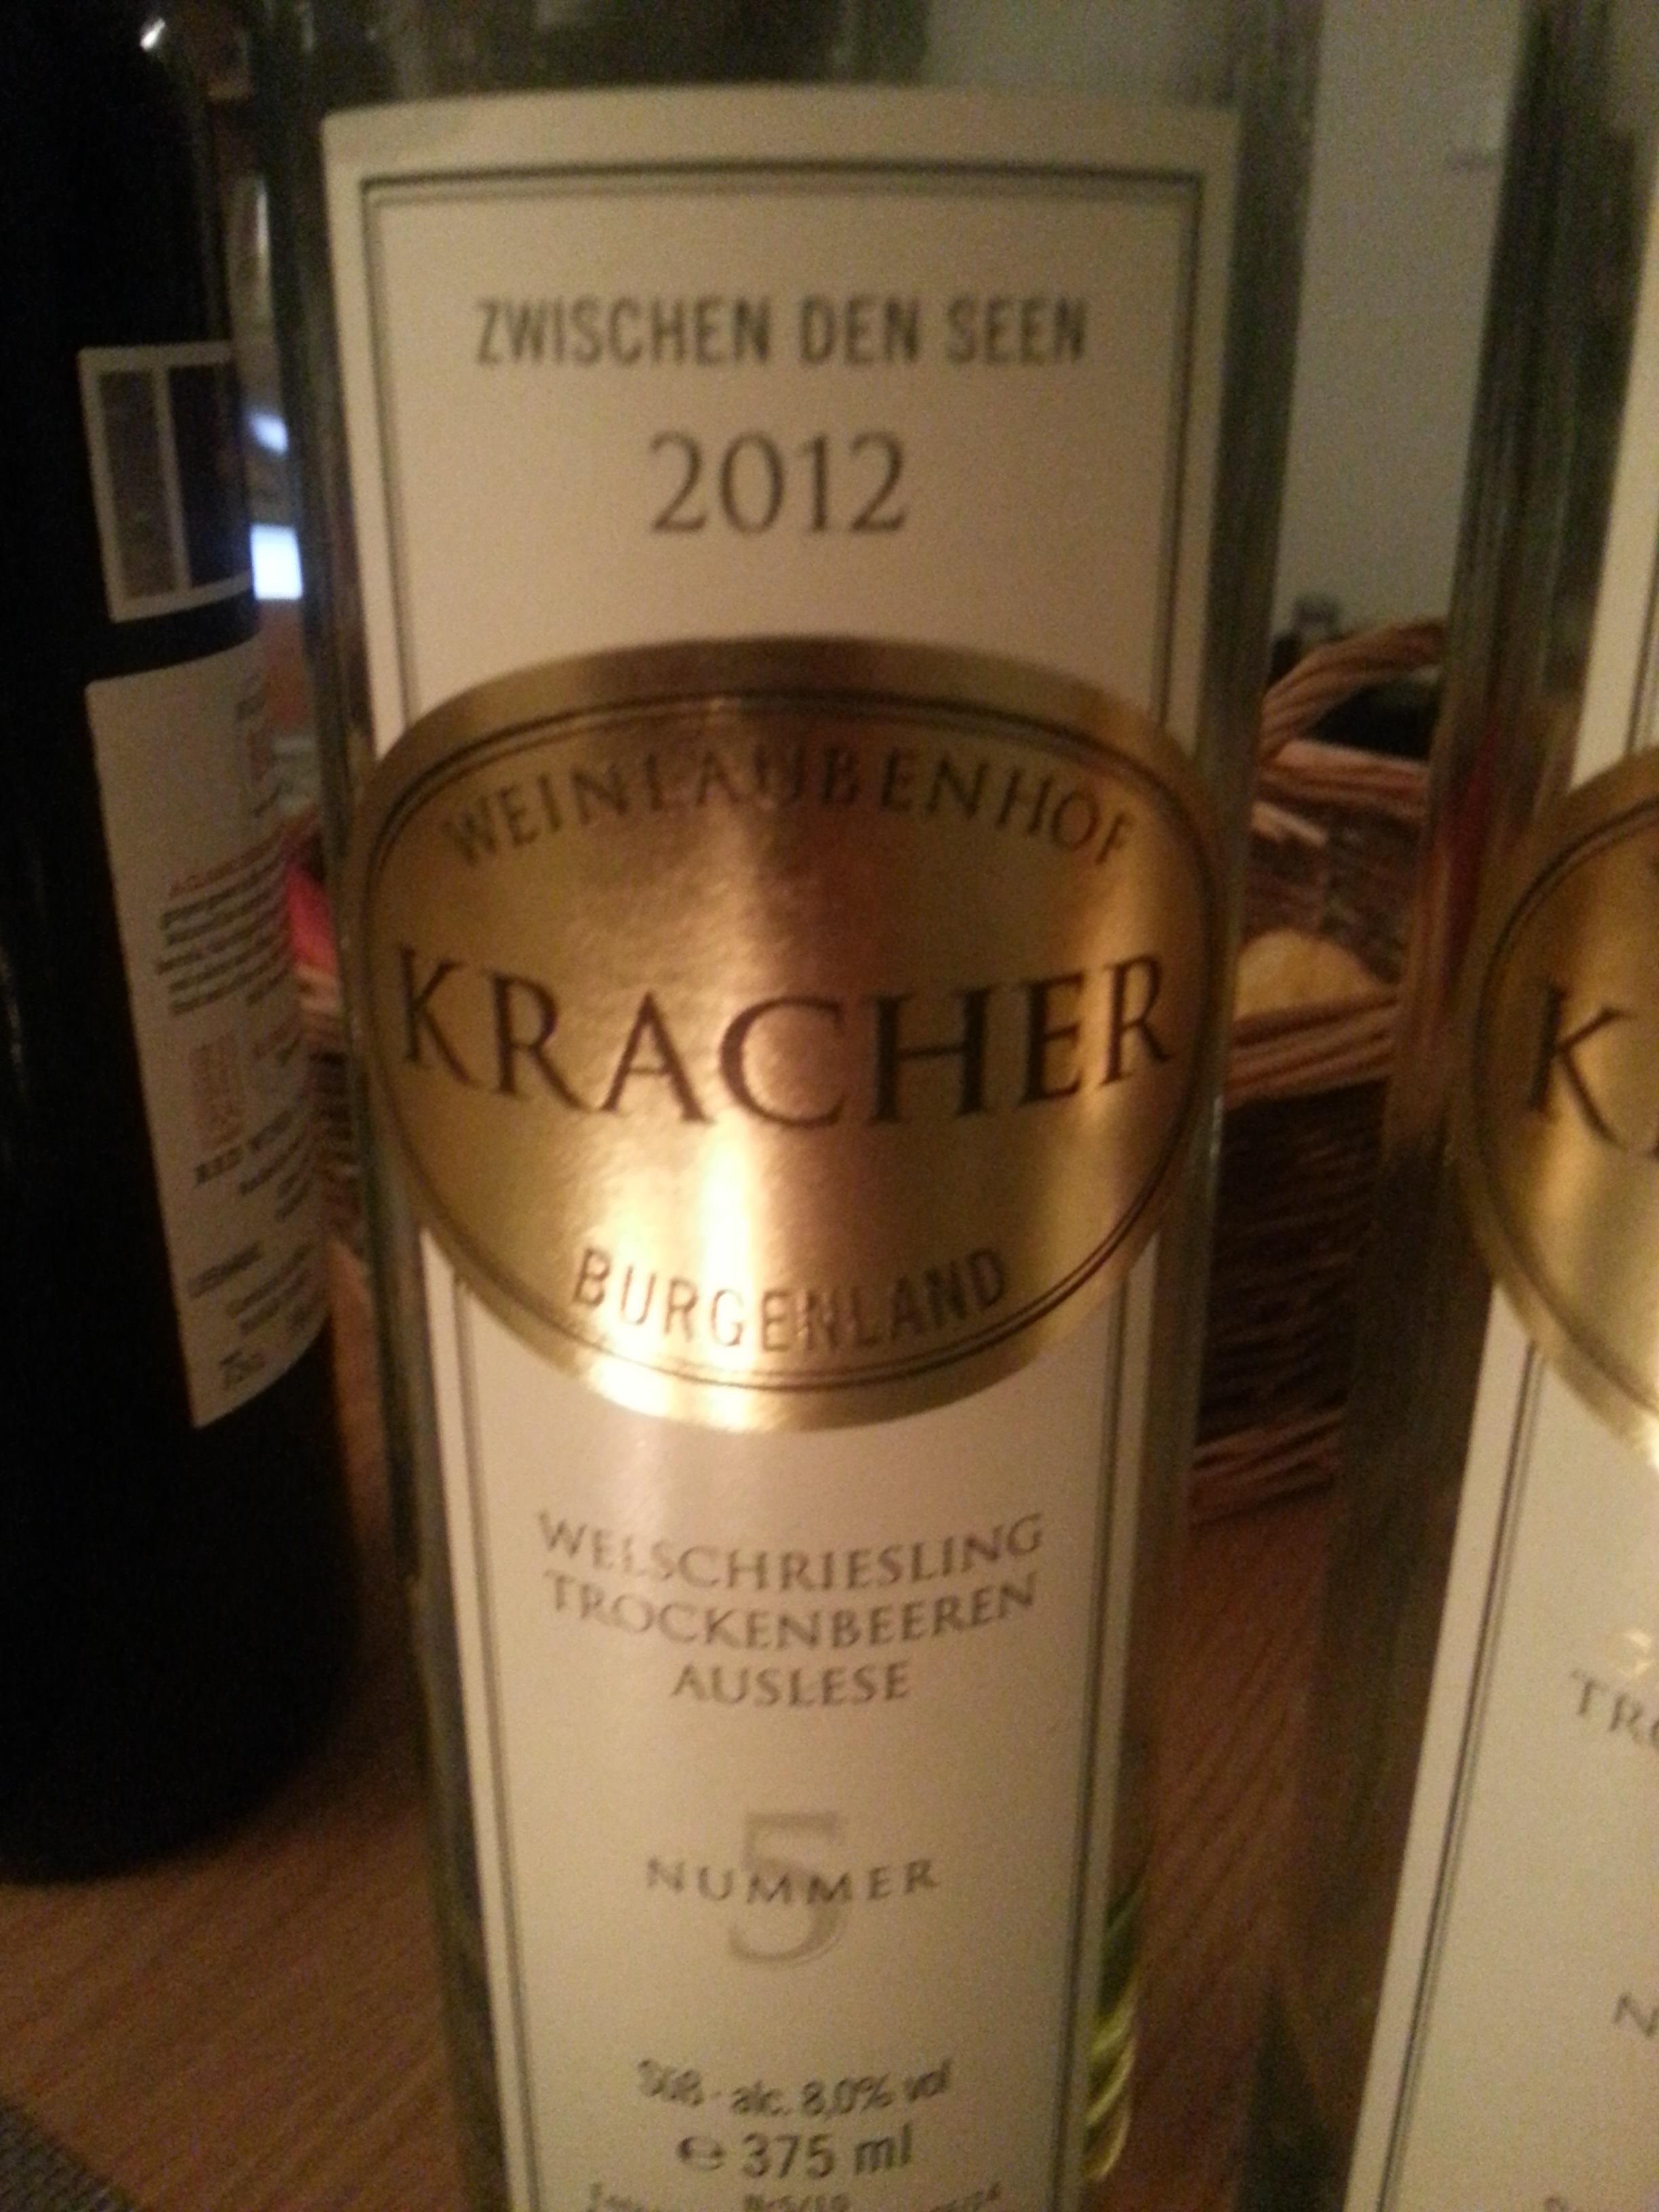 2012 Welschriesling TBA No. 5 | Kracher